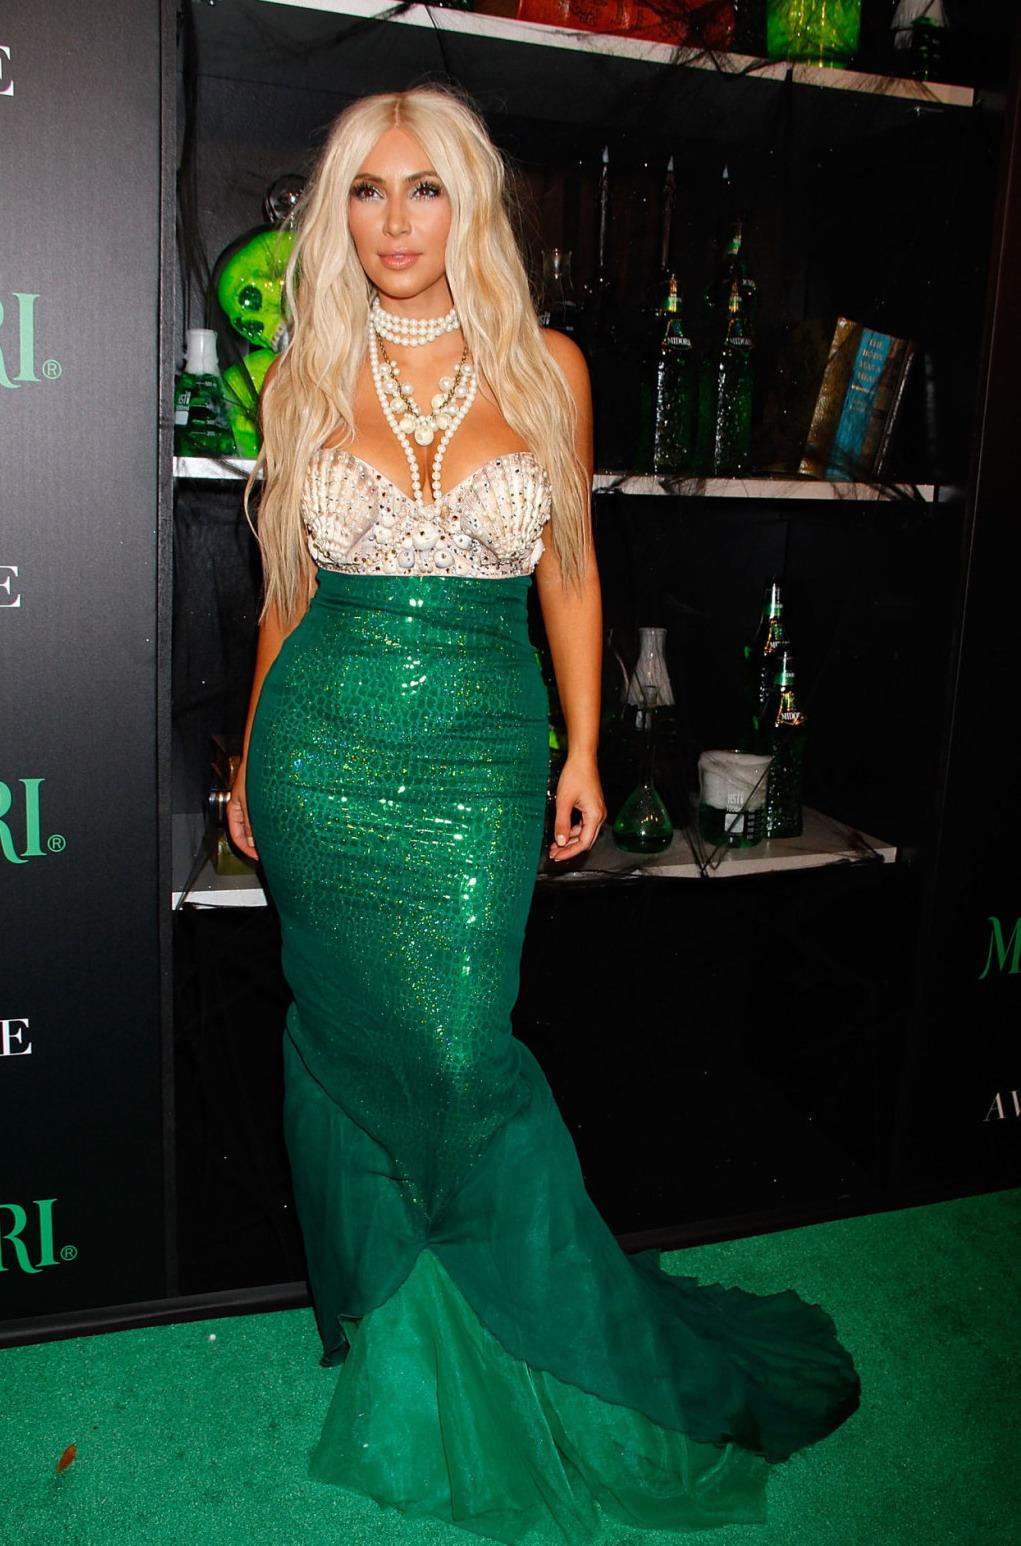 to post Kim Kardashian     2012 Midori Green Halloween Party in NYKim Kardashian Halloween Costume 2013